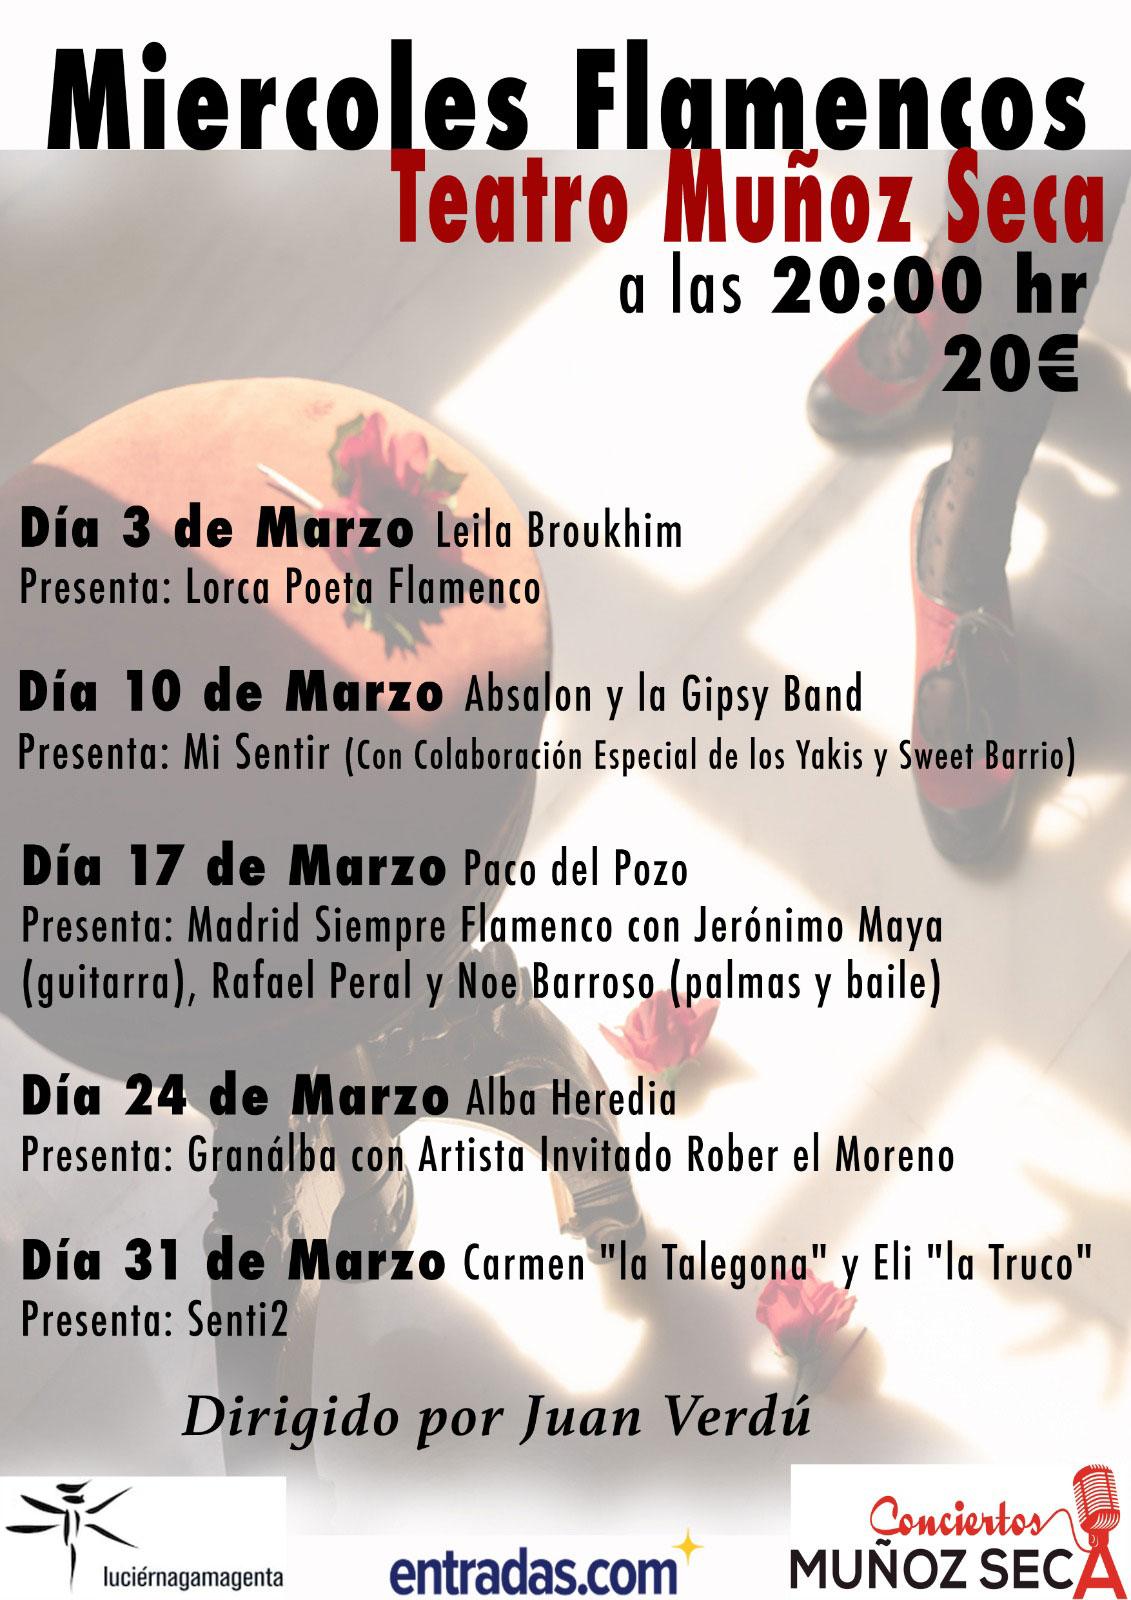 Miércoles flamencos Teatro Muñoz Seca